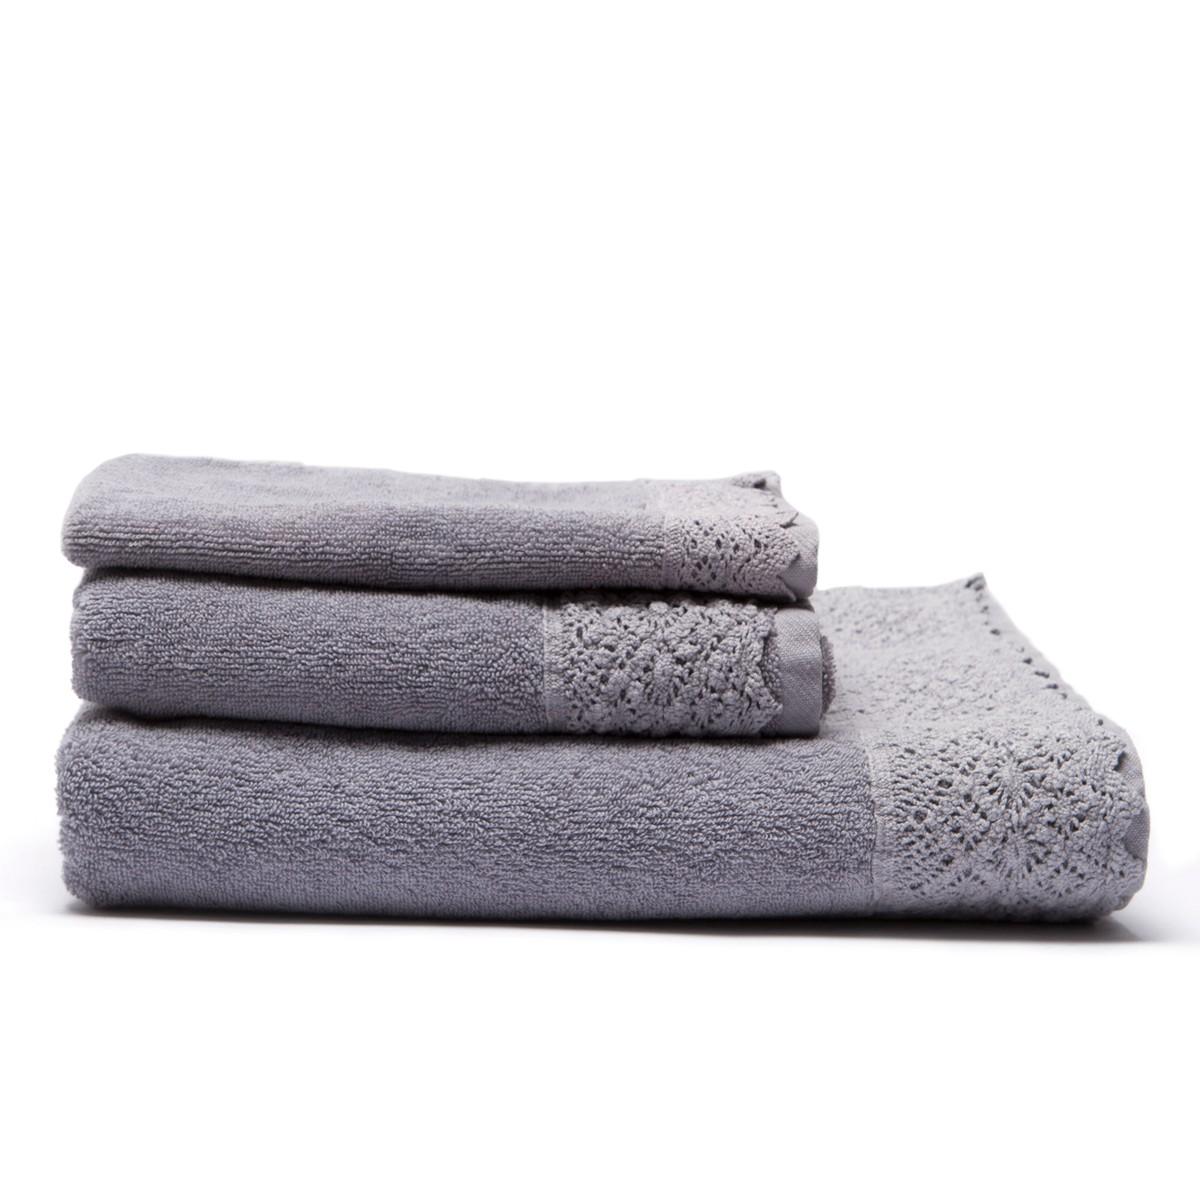 Πετσέτα Σώματος (90x150) Laura Ashley Dantelle Grey home   μπάνιο   πετσέτες μπάνιου